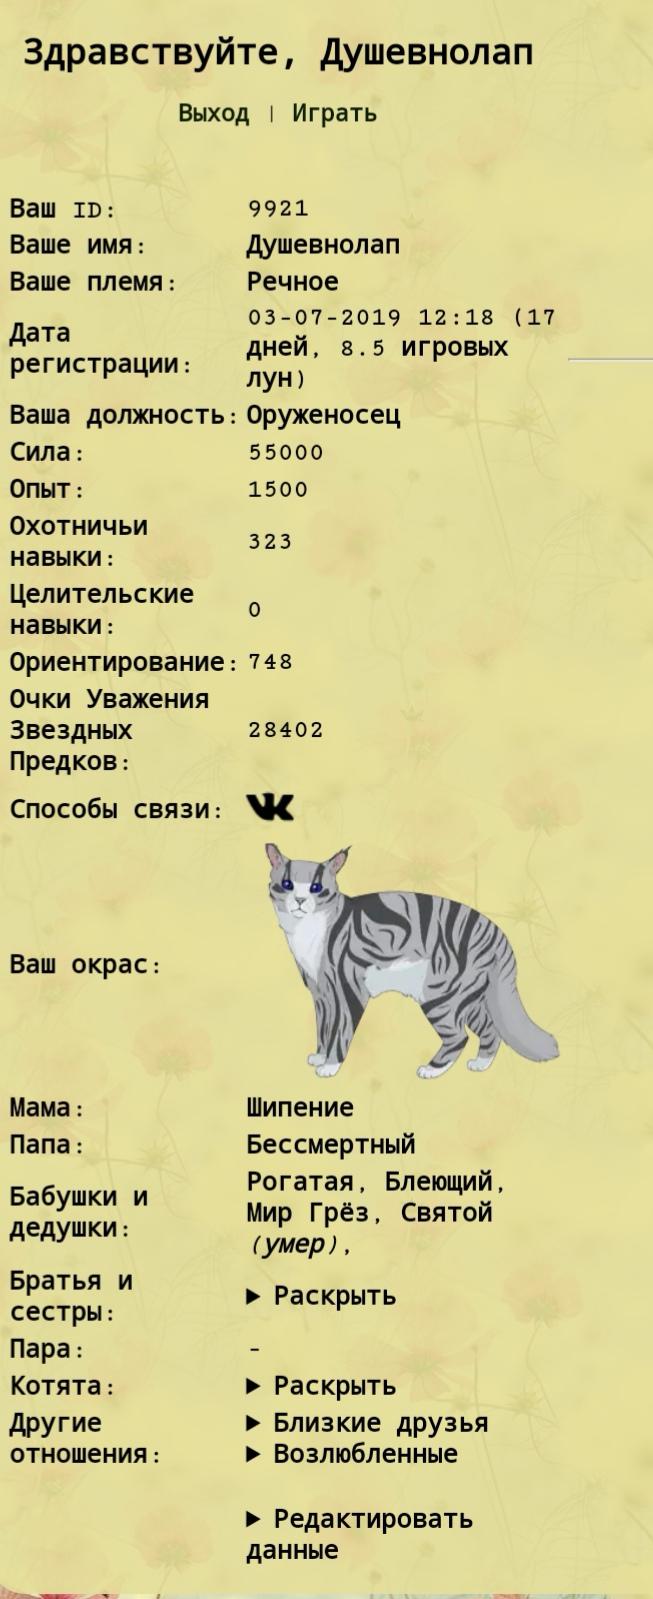 http://d.zaix.ru/do5S.jpg